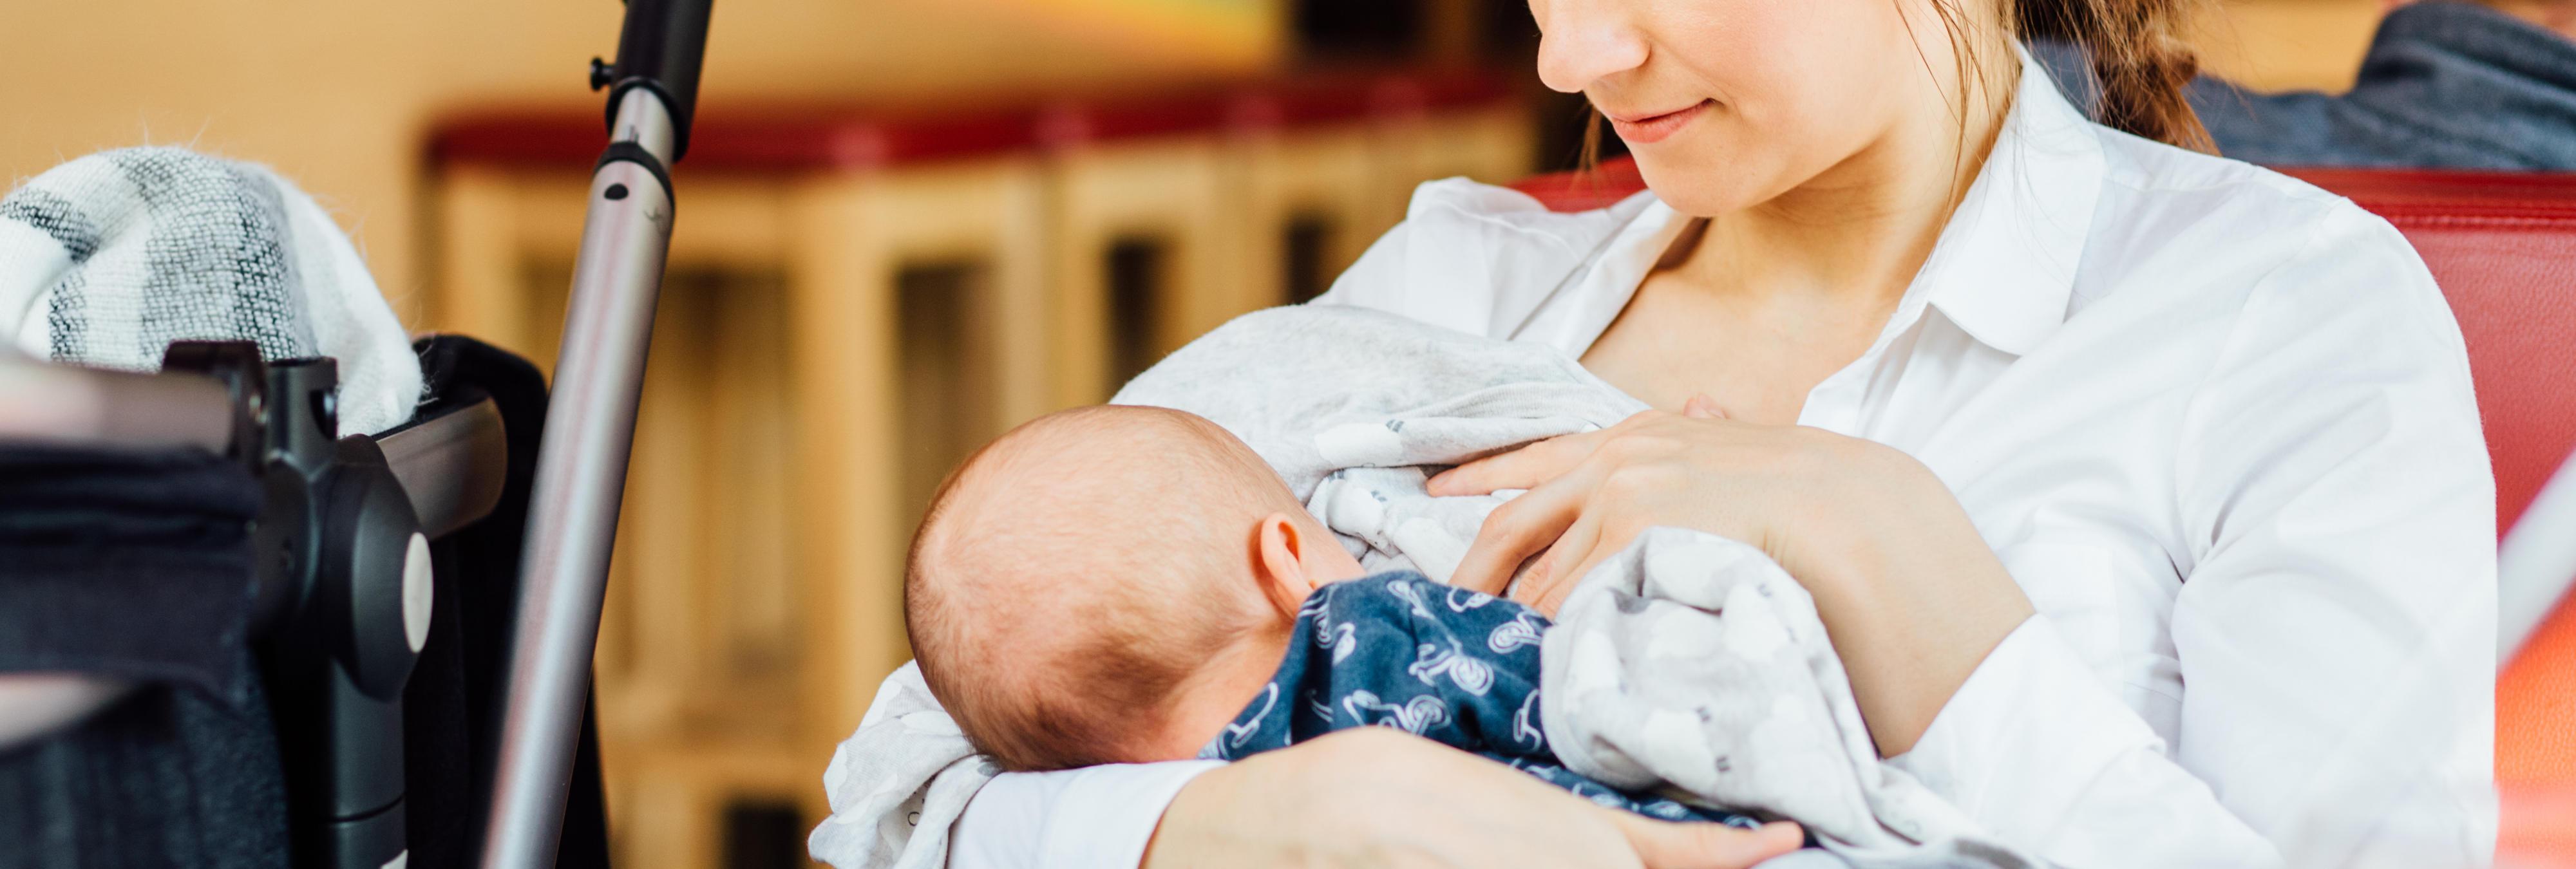 Expulsan a una mujer de un vuelo por dar de mamar a su bebé